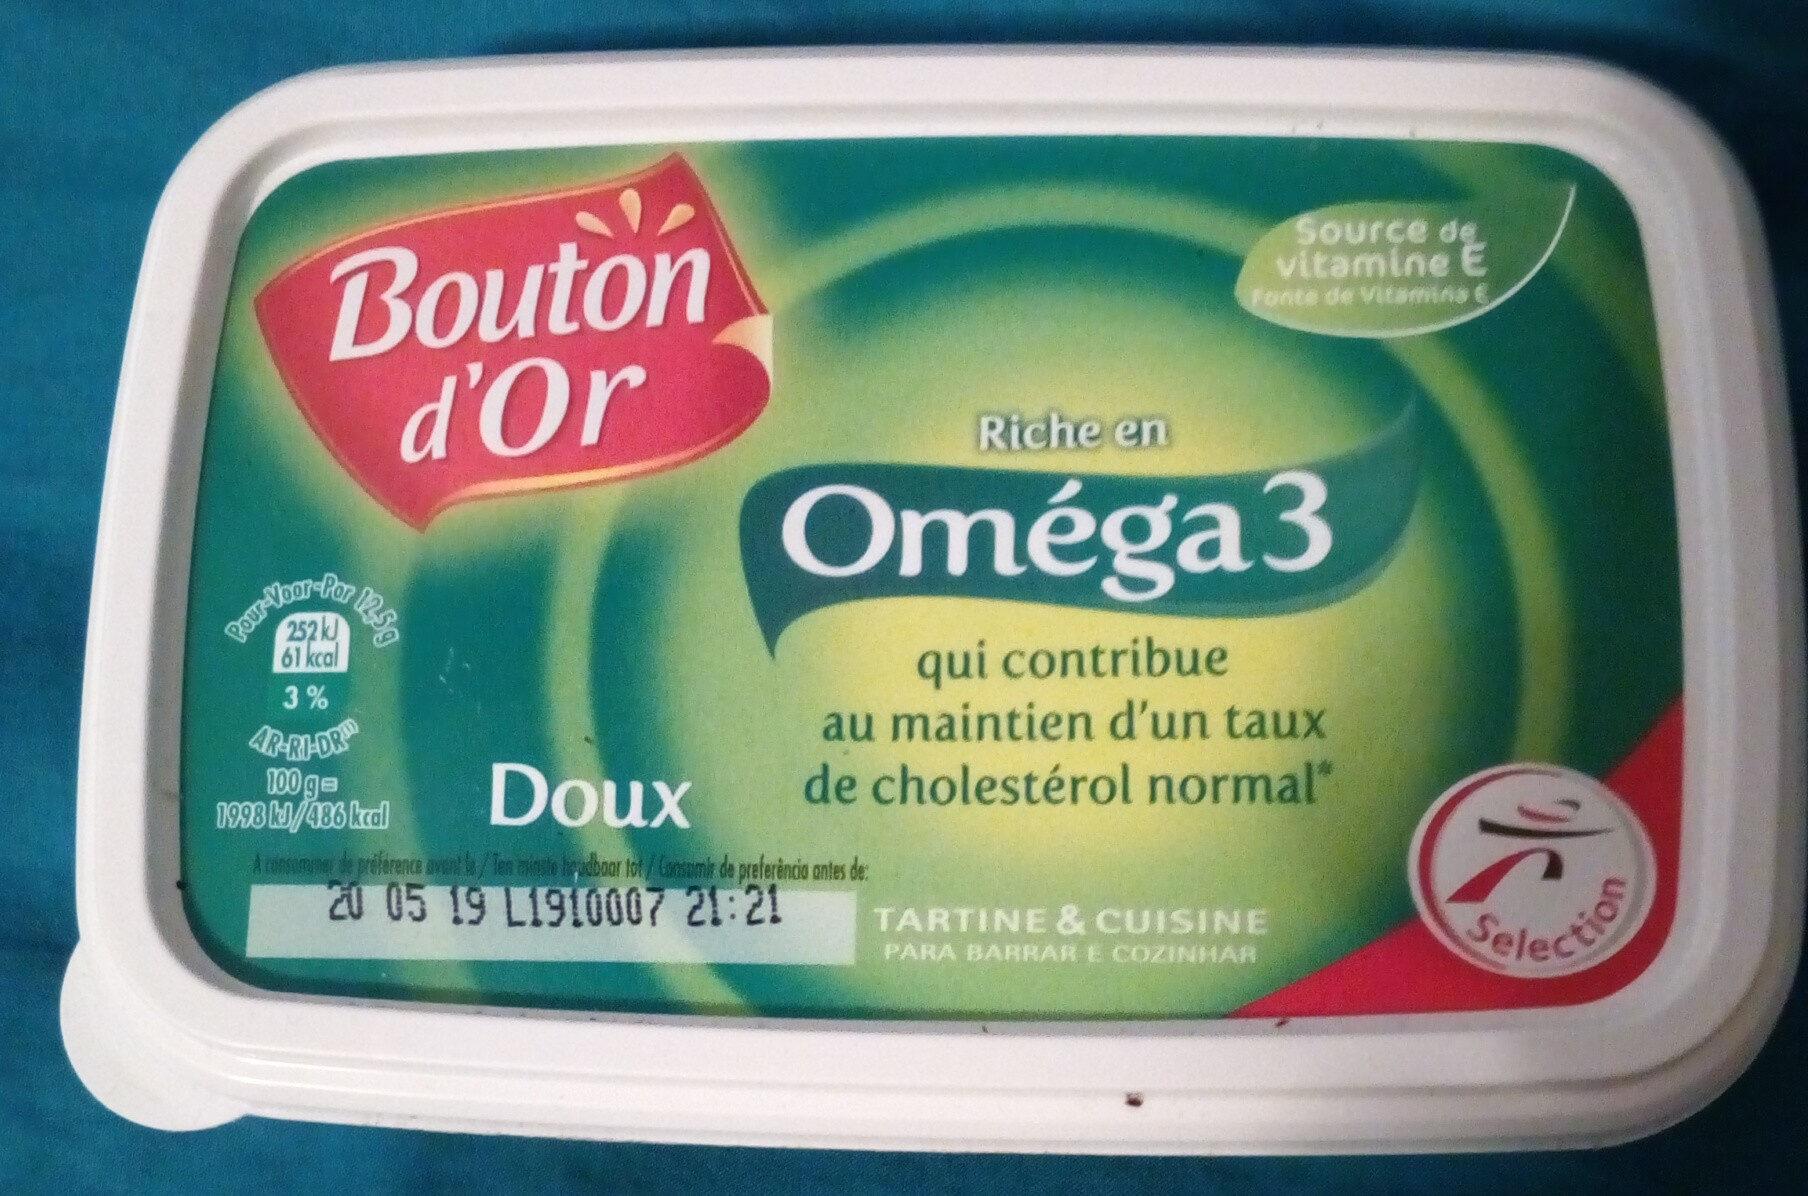 Riche en Oméga 3 - Tartine et Cuissonqui contribue au maintien d'un cholesterol normal - Product